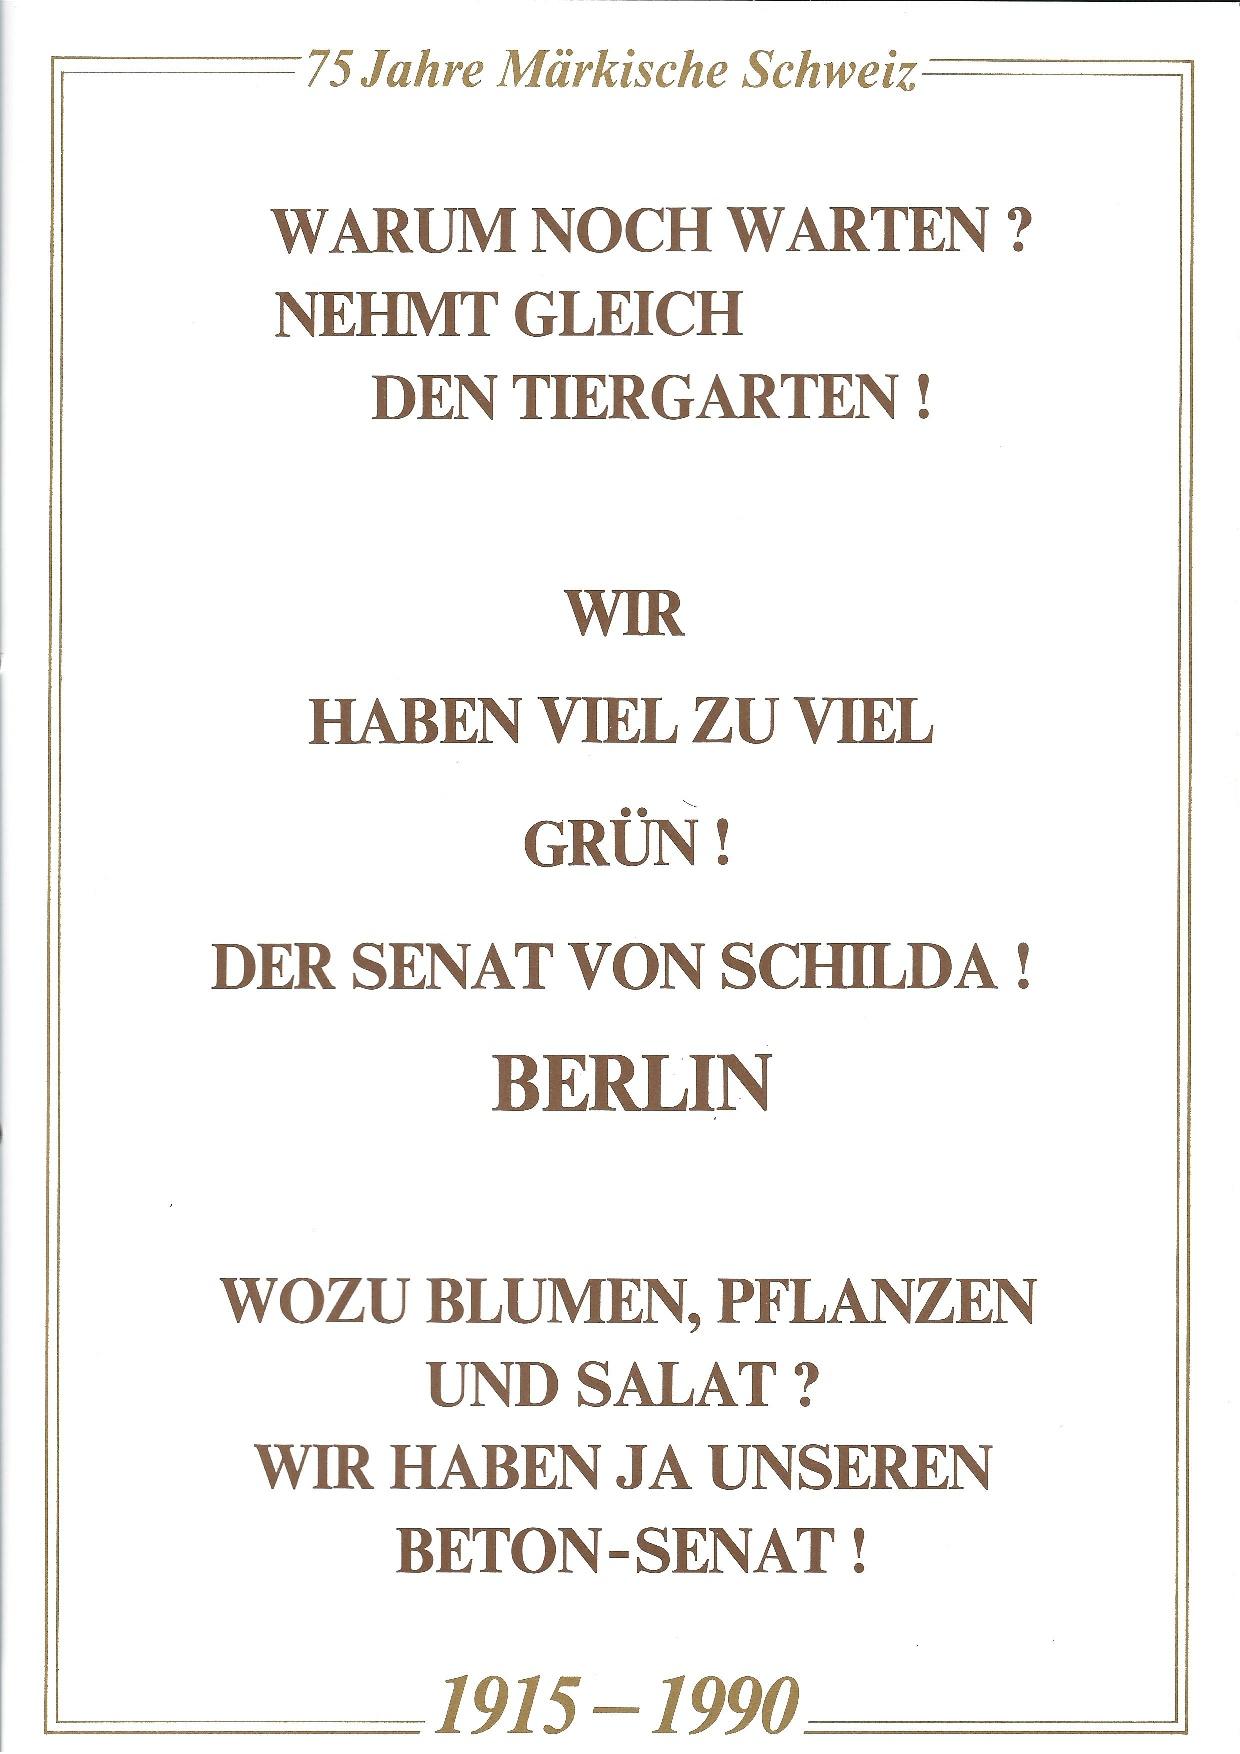 Bild: © 2019, Kleingartenverein Märkische Schweiz e.V.